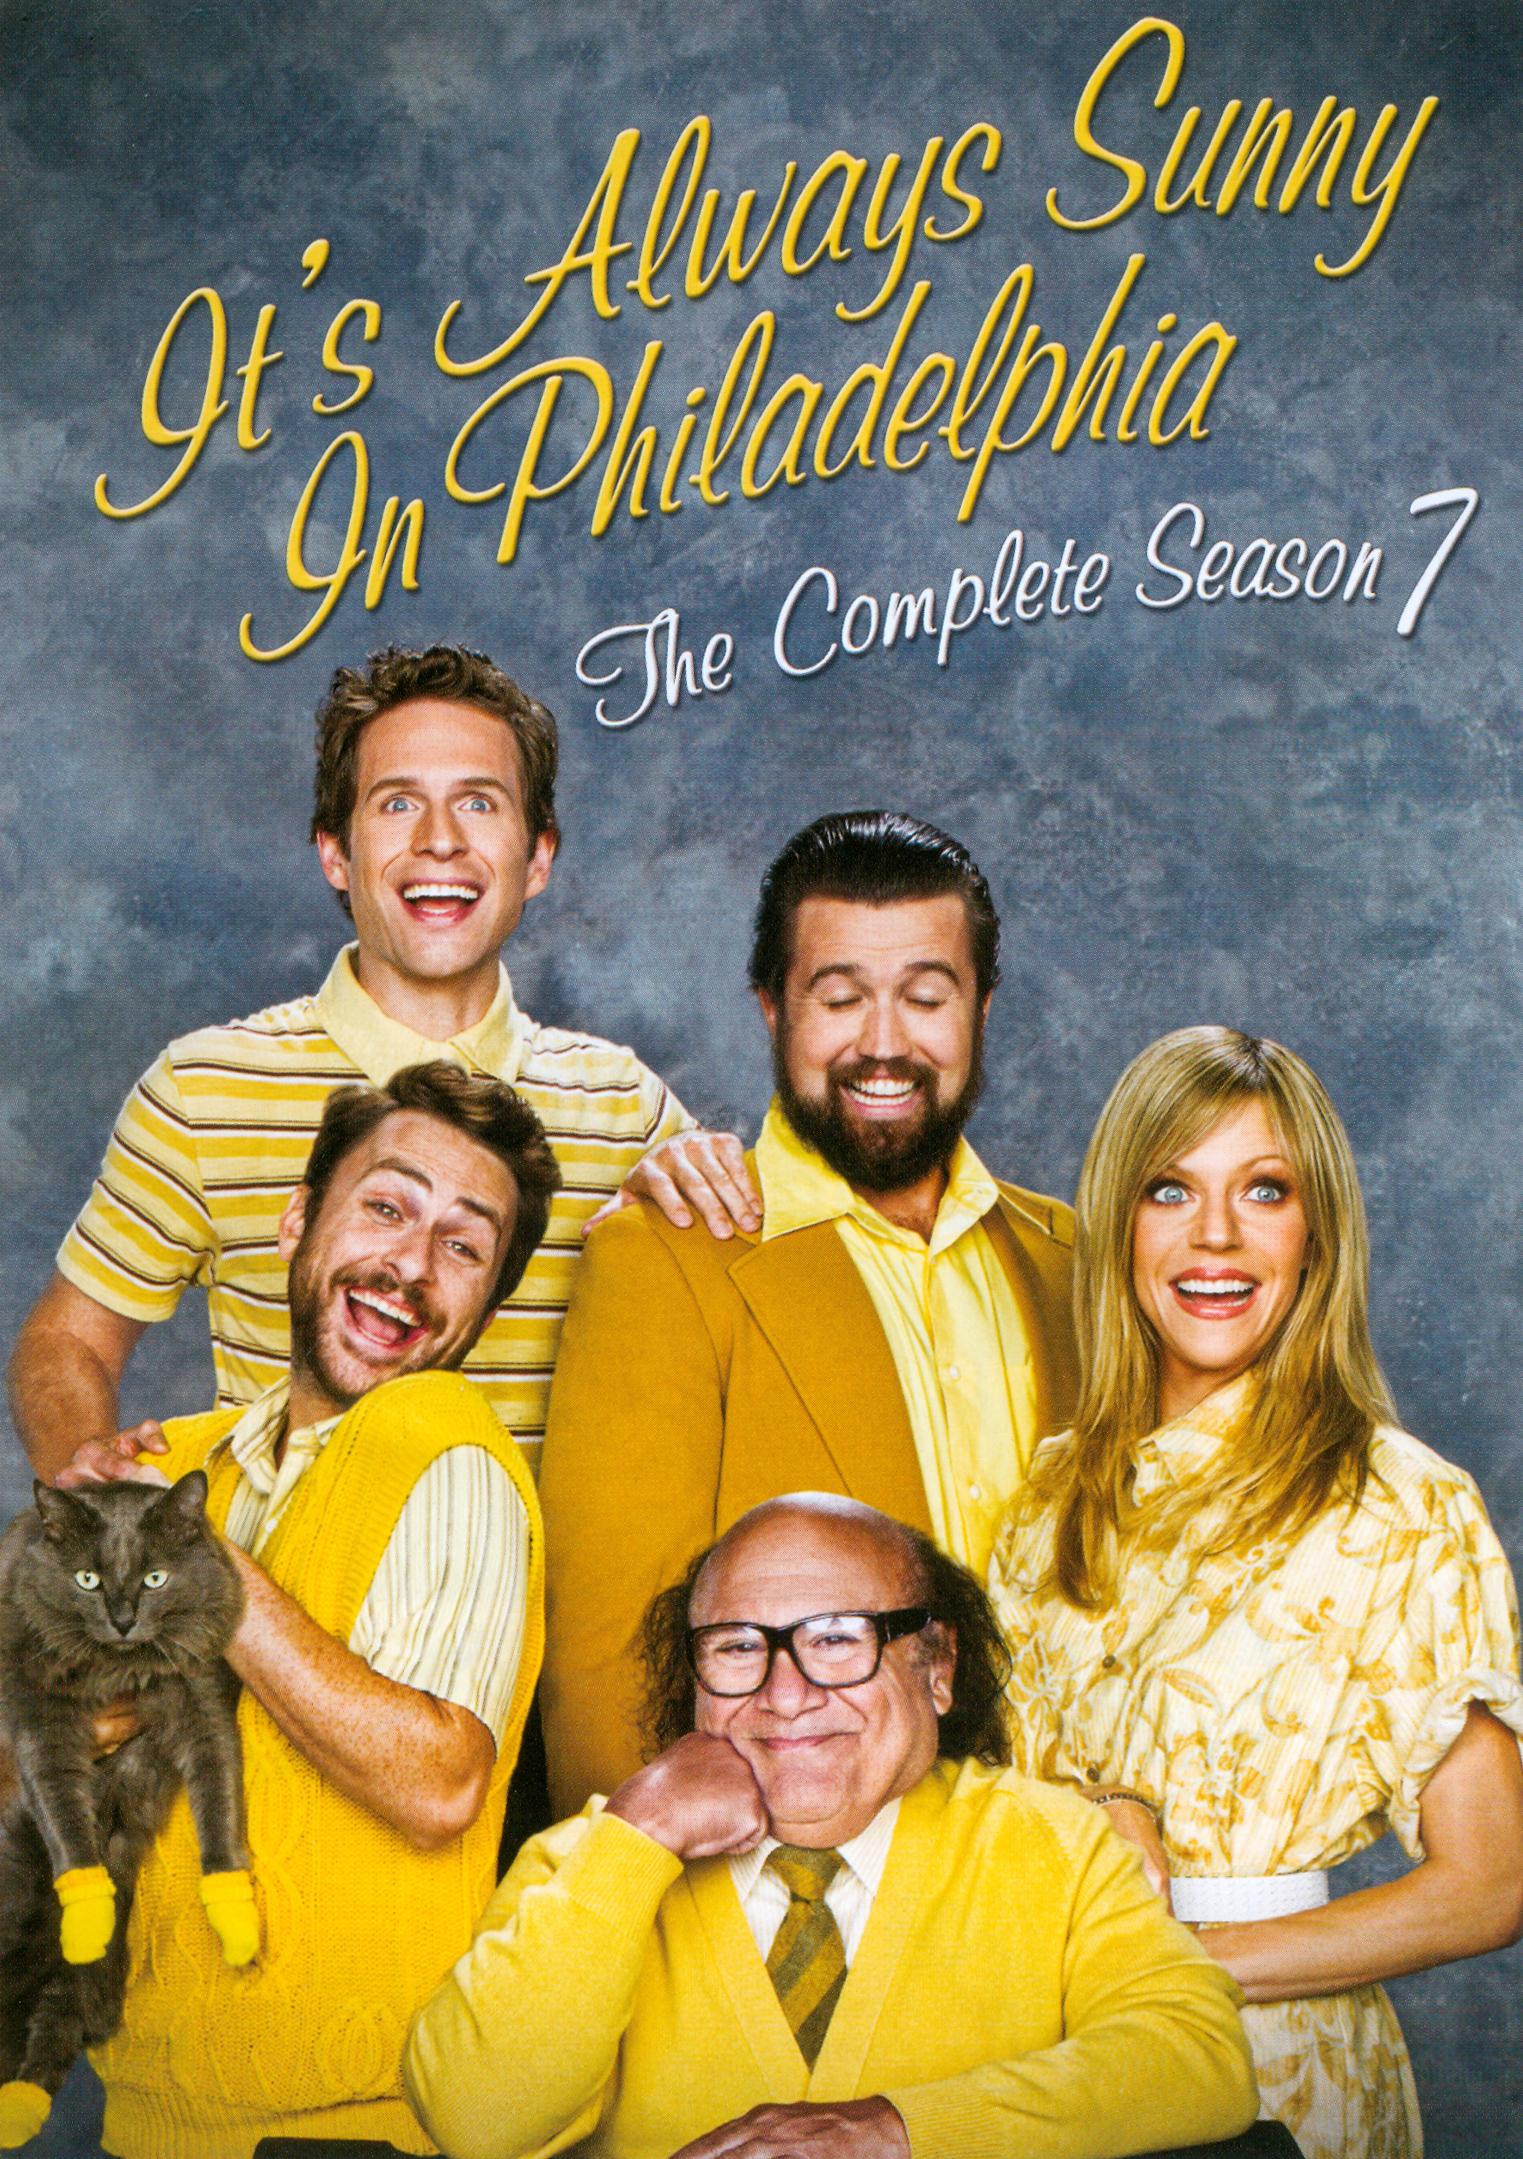 It's Always Sunny In Philadelphia: The Complete Season 7 [2 Discs] (dvd) 6673191